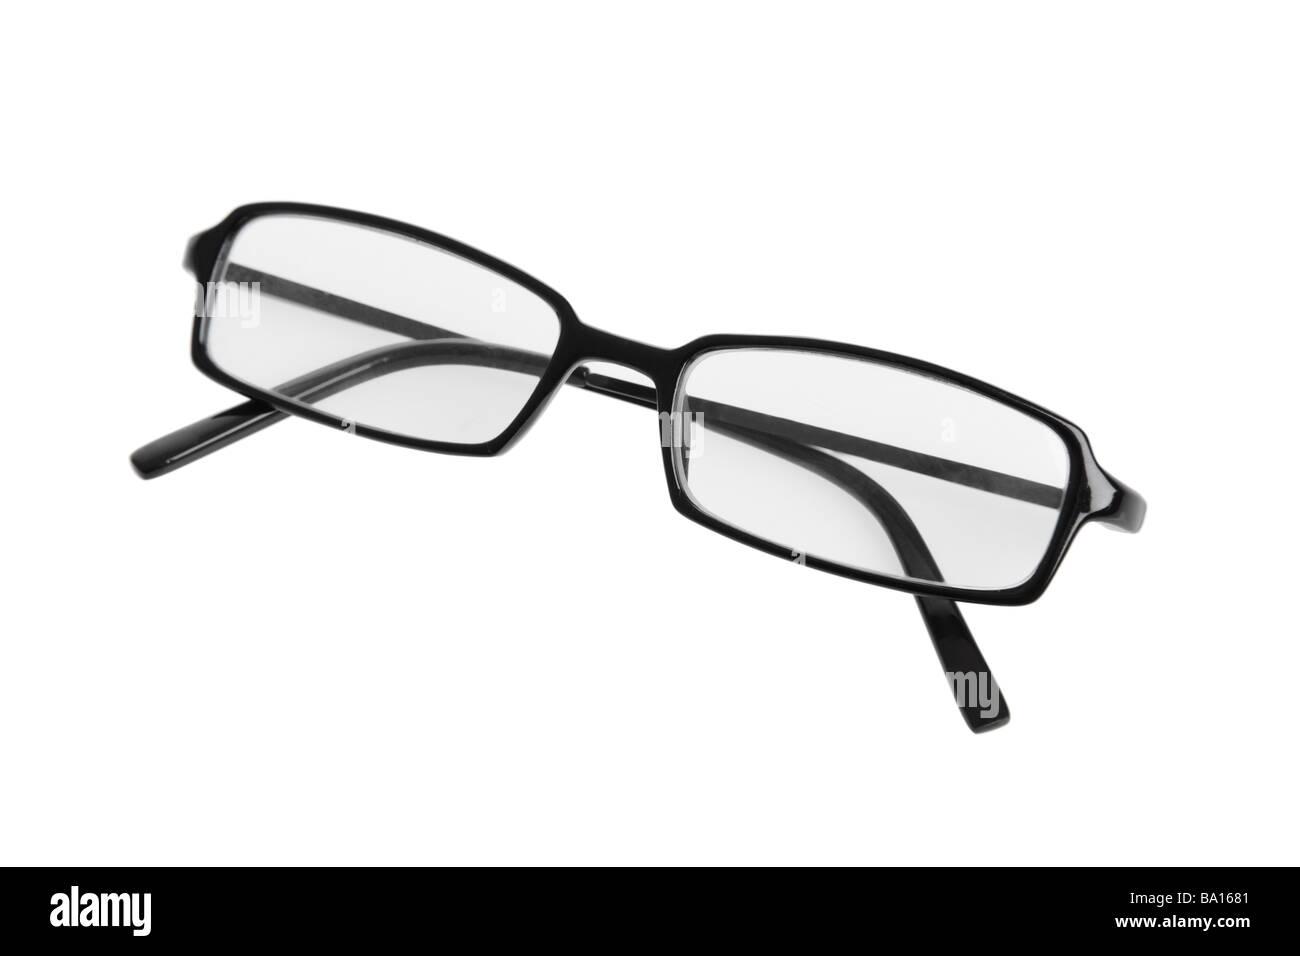 Gli occhiali da lettura intaglio su sfondo bianco Immagini Stock